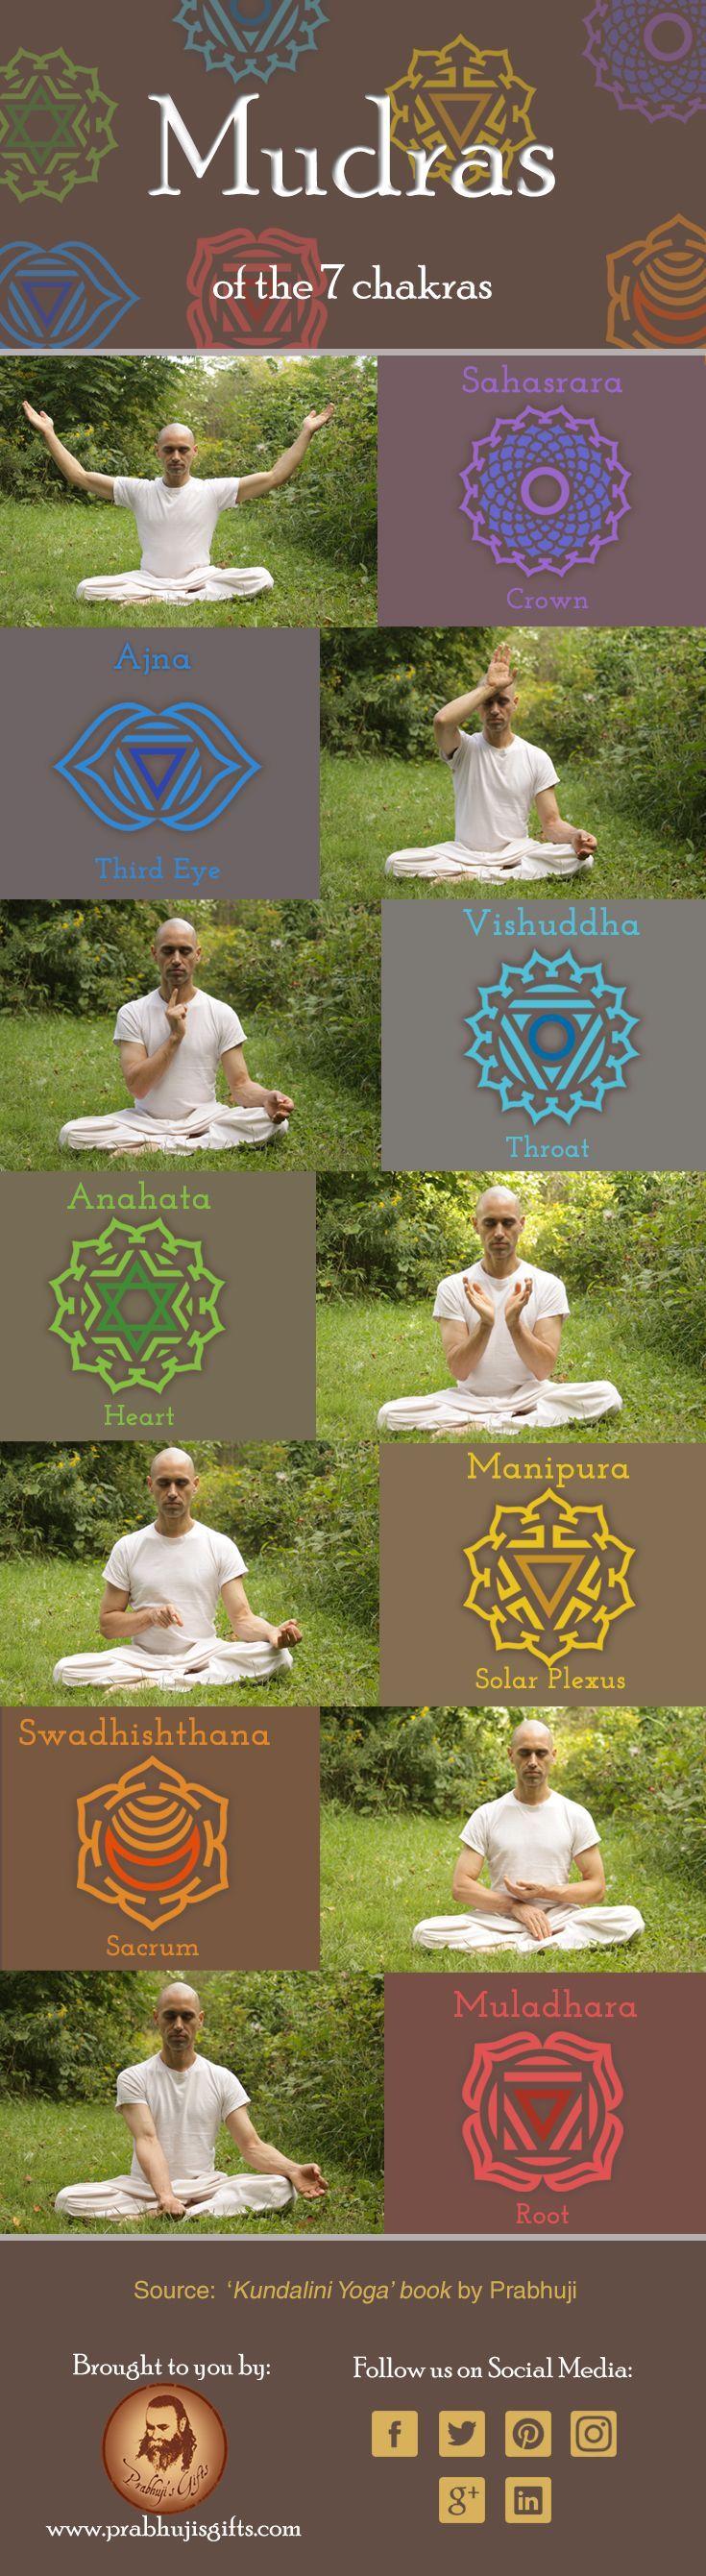 Mudras of the 7 chakras. #mudras #chakras #yoga